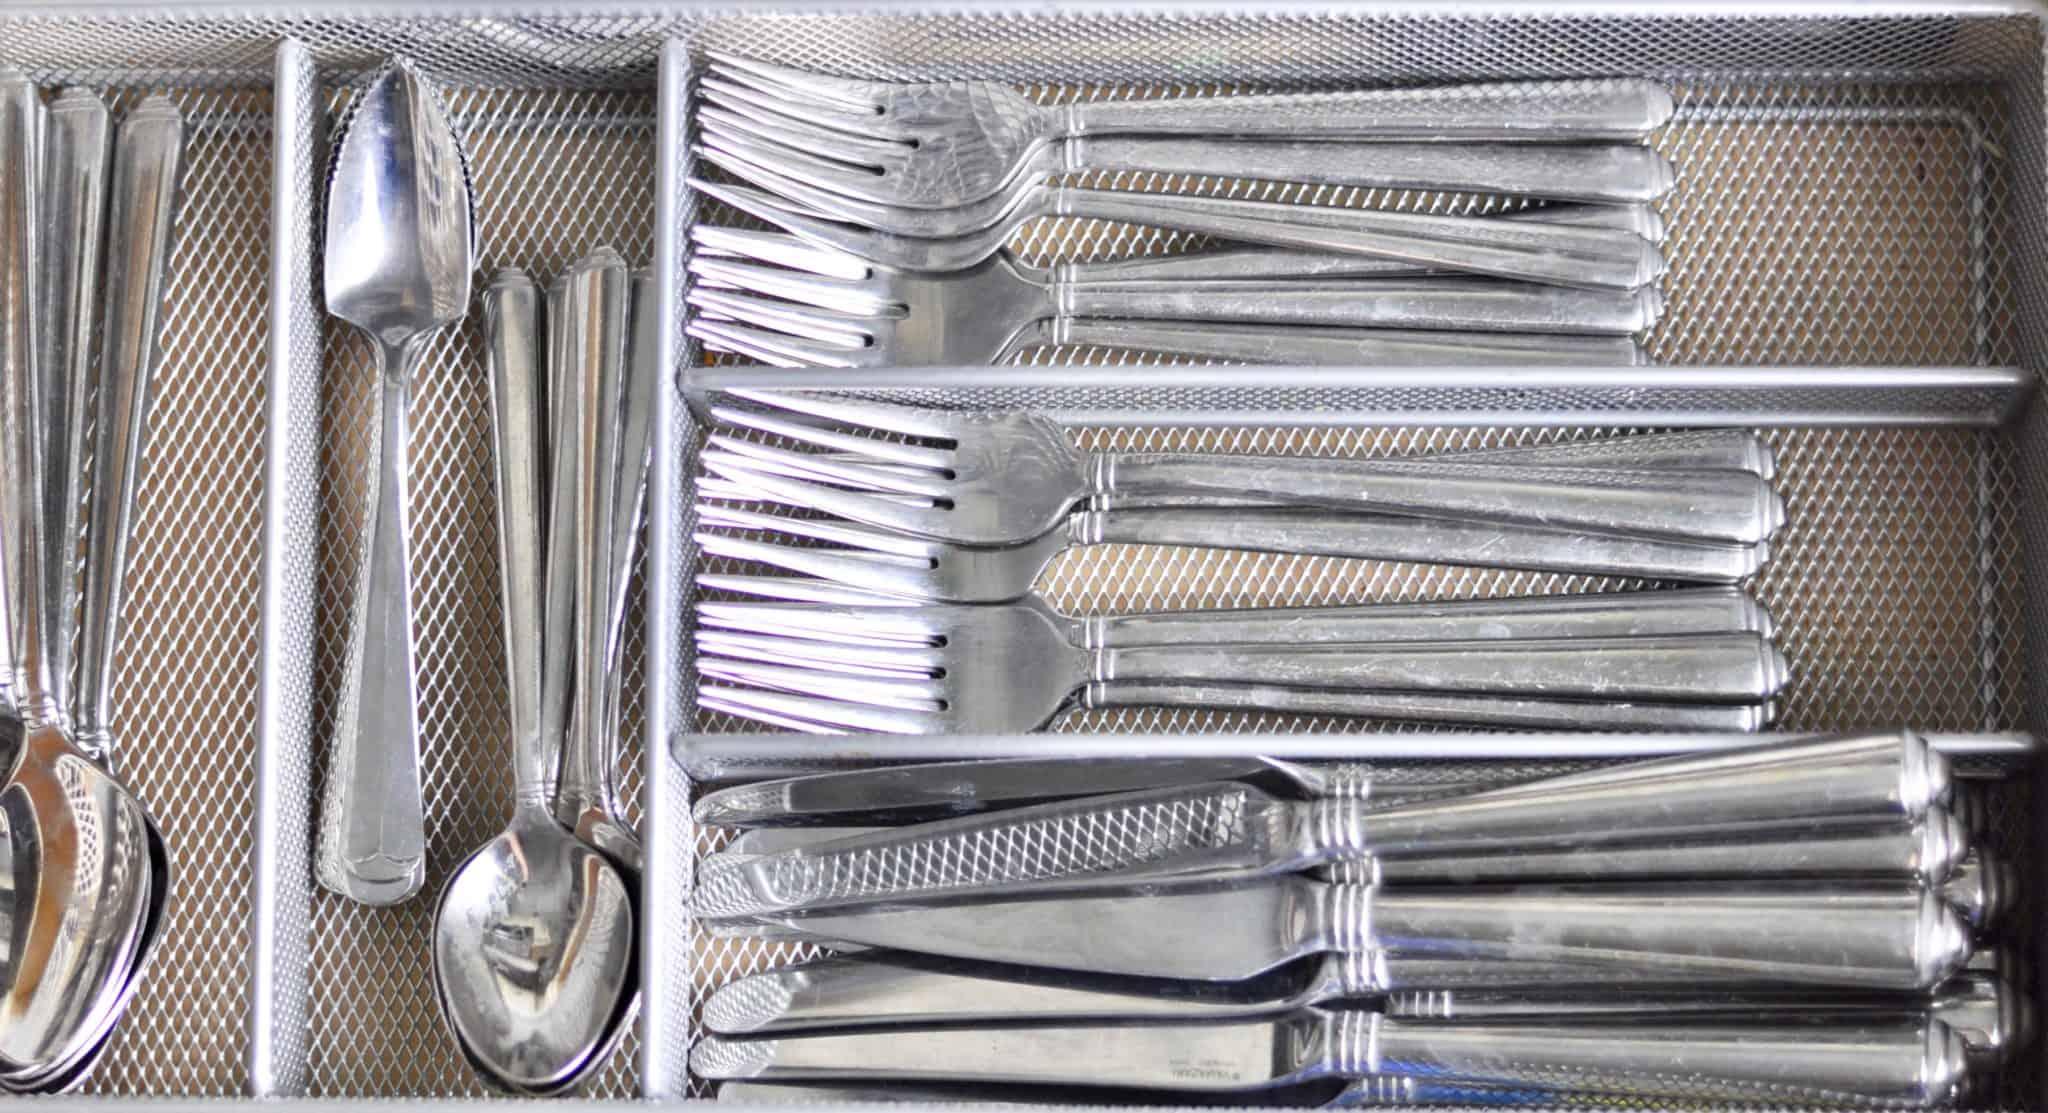 organized kitchen utensils silverware